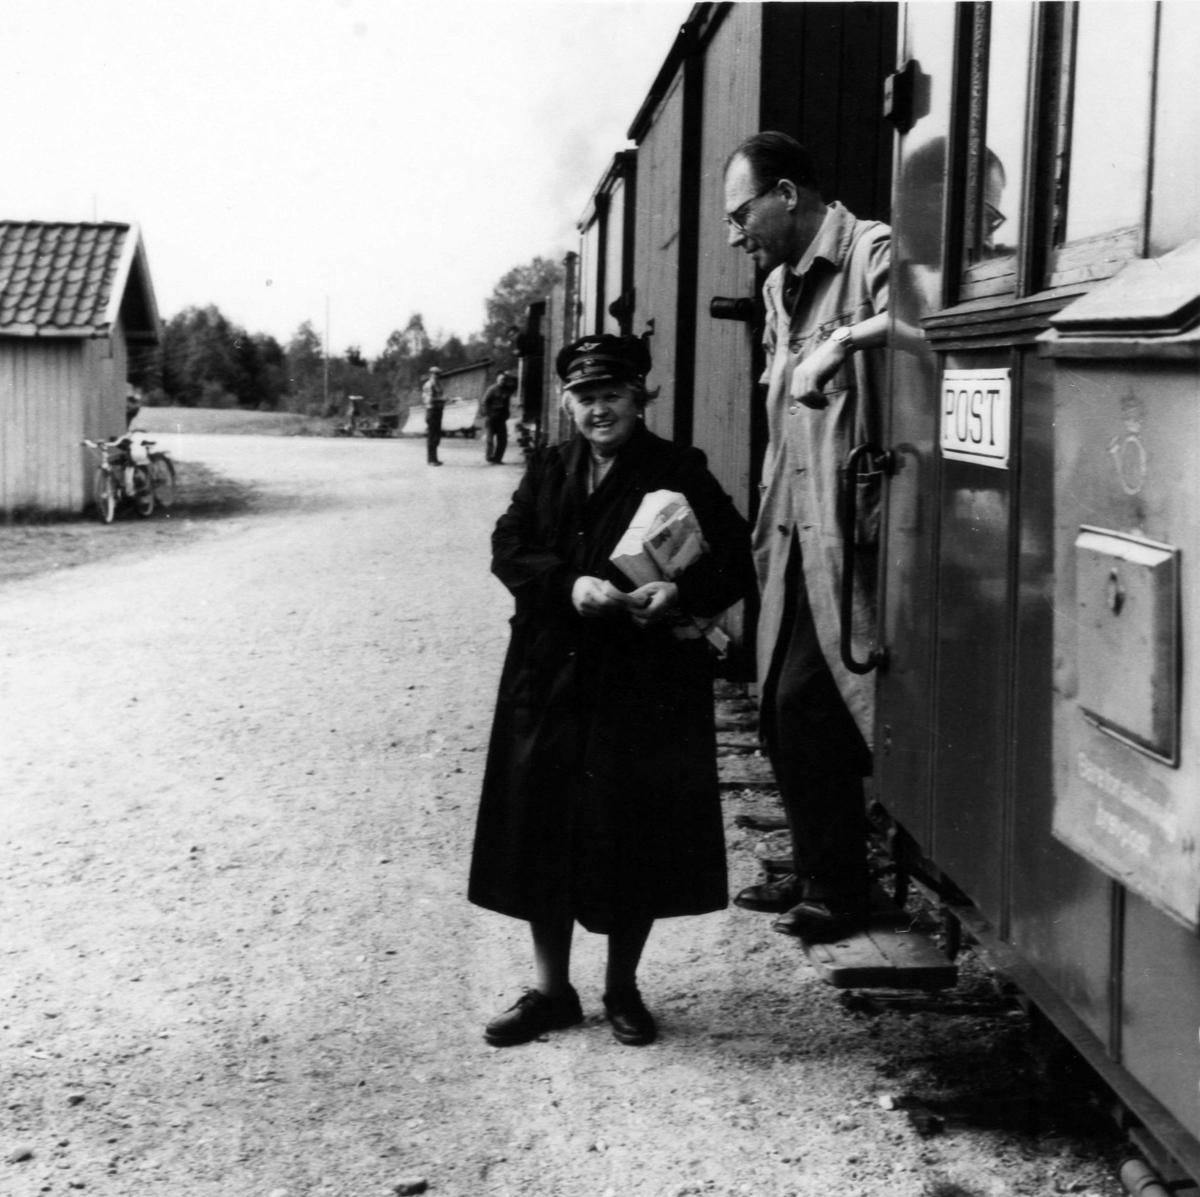 Stasjonsmester og overpostpakkemester utveksler meldinger under oppholdet på Hornåseng stasjon.Overlevering av dagens post.